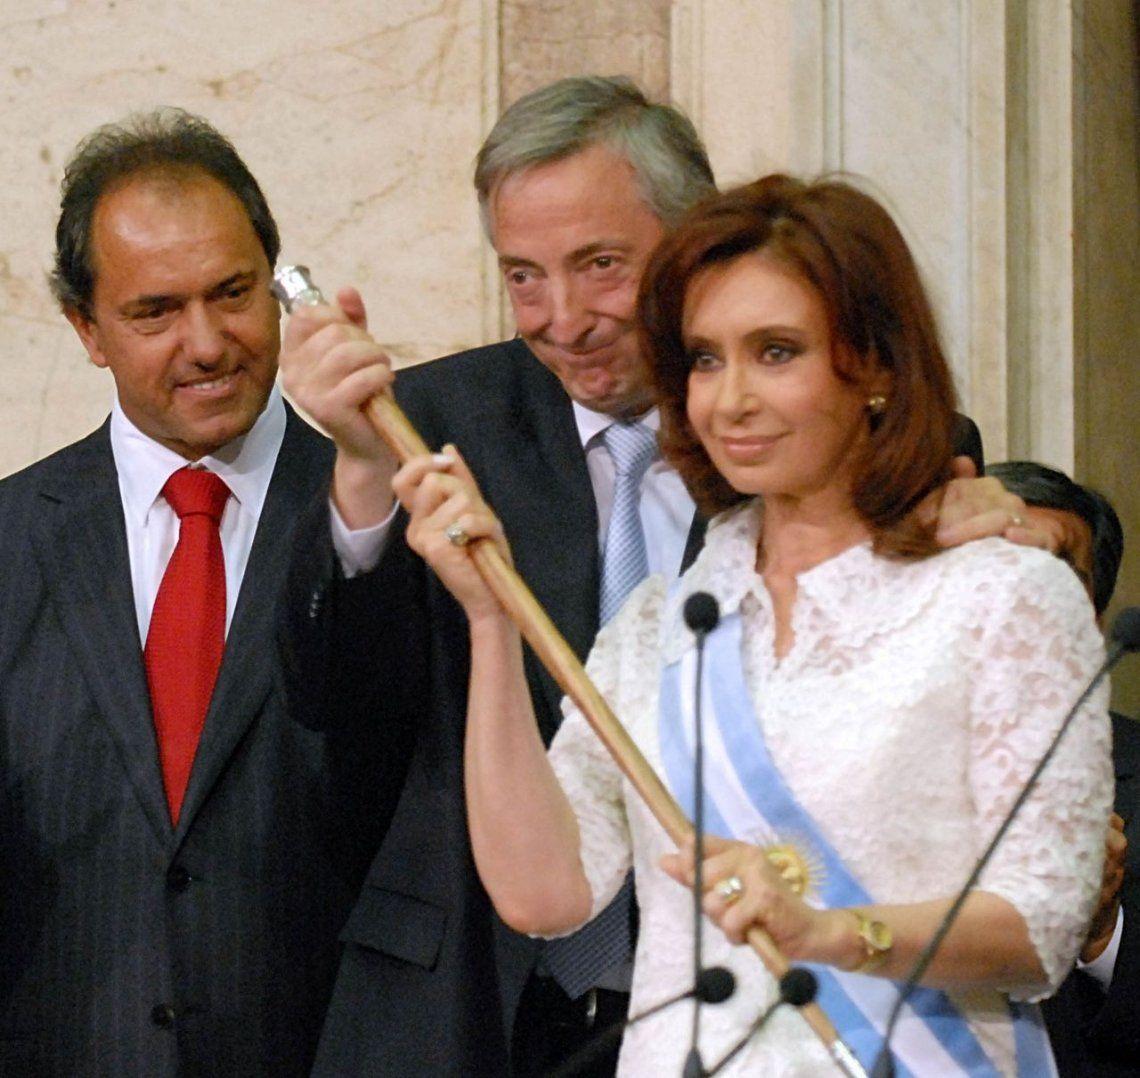 Tras la queja de Cristina Kirchner, Bonadio devuelve las bandas y bastones presidenciales